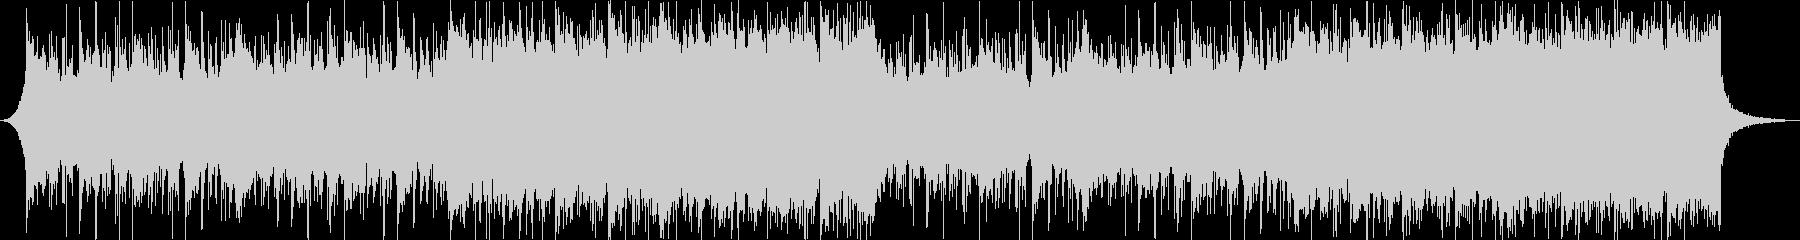 CM/先進的/革新的/オーケストラ/壮大の未再生の波形